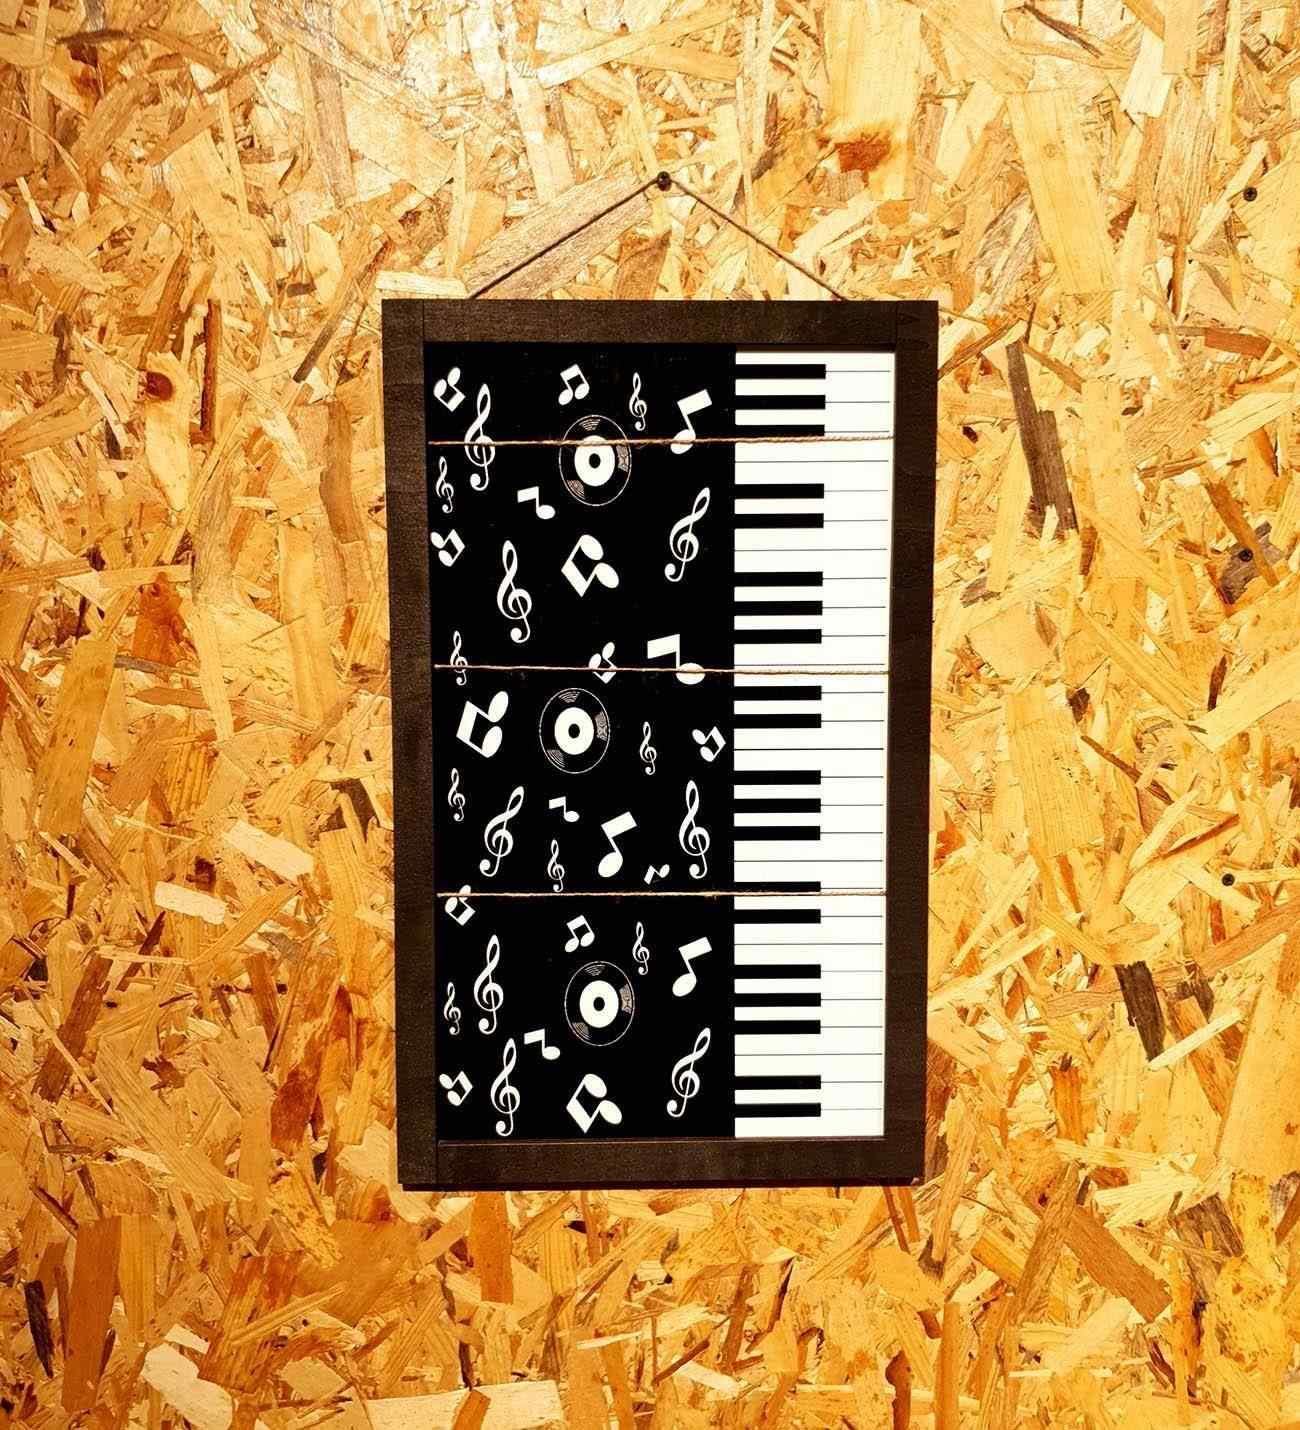 Piyano Özel Tasarım İpli Mandallı Fotoğraf Çerçevesi